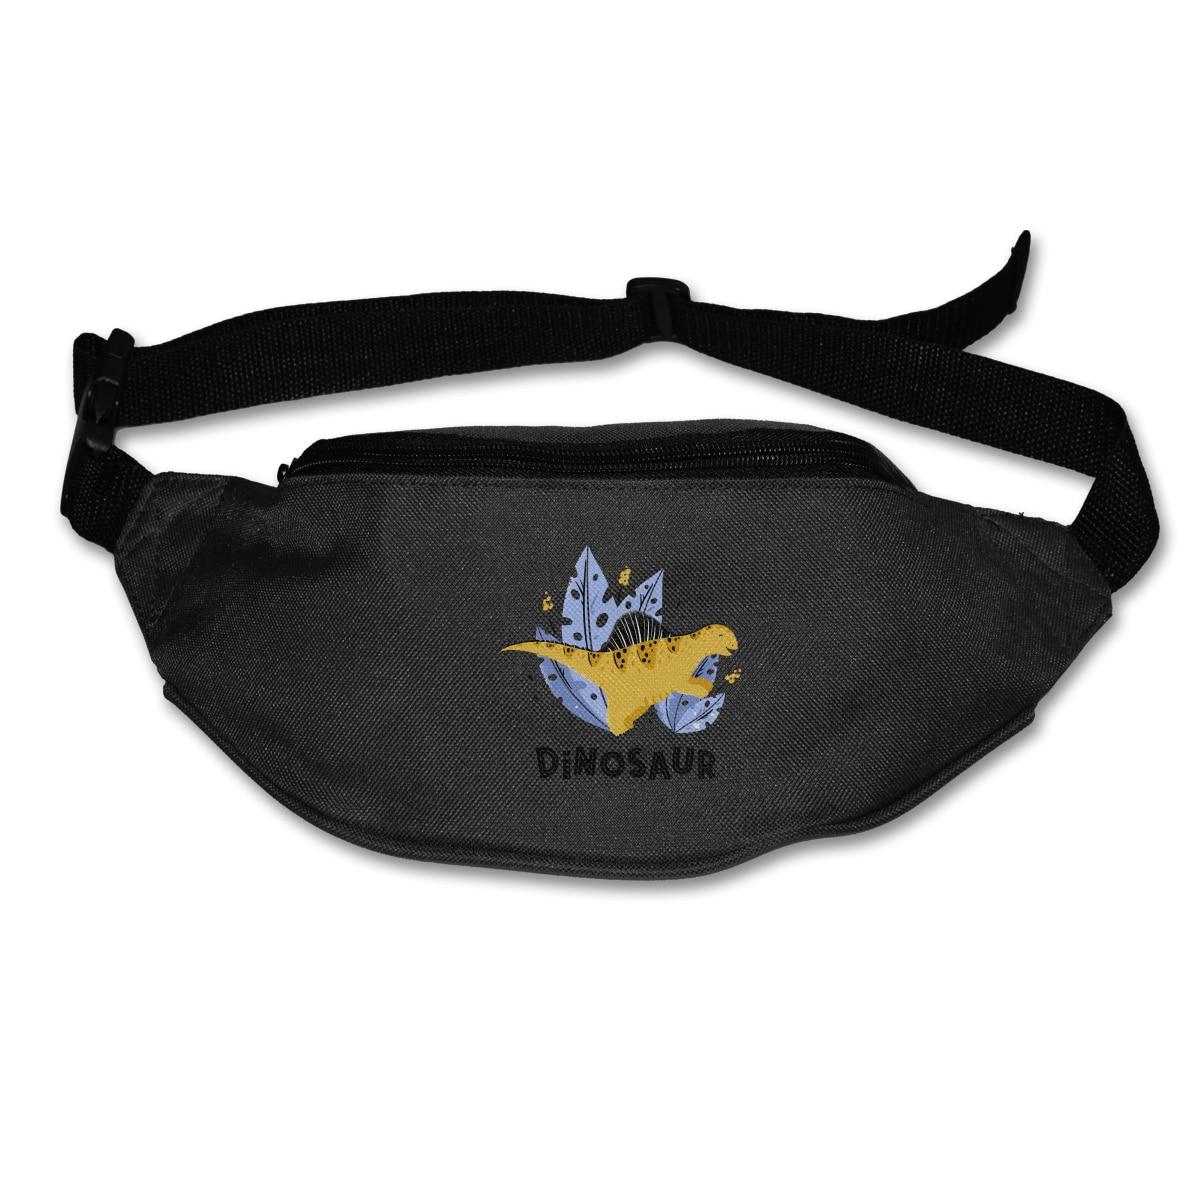 NOISYDESIGNS 2020 New Style Dinosaur Animals Printed Sport Runner Zipper Pack Belly Waist Bags Fitness Running Belt Pouch Hot